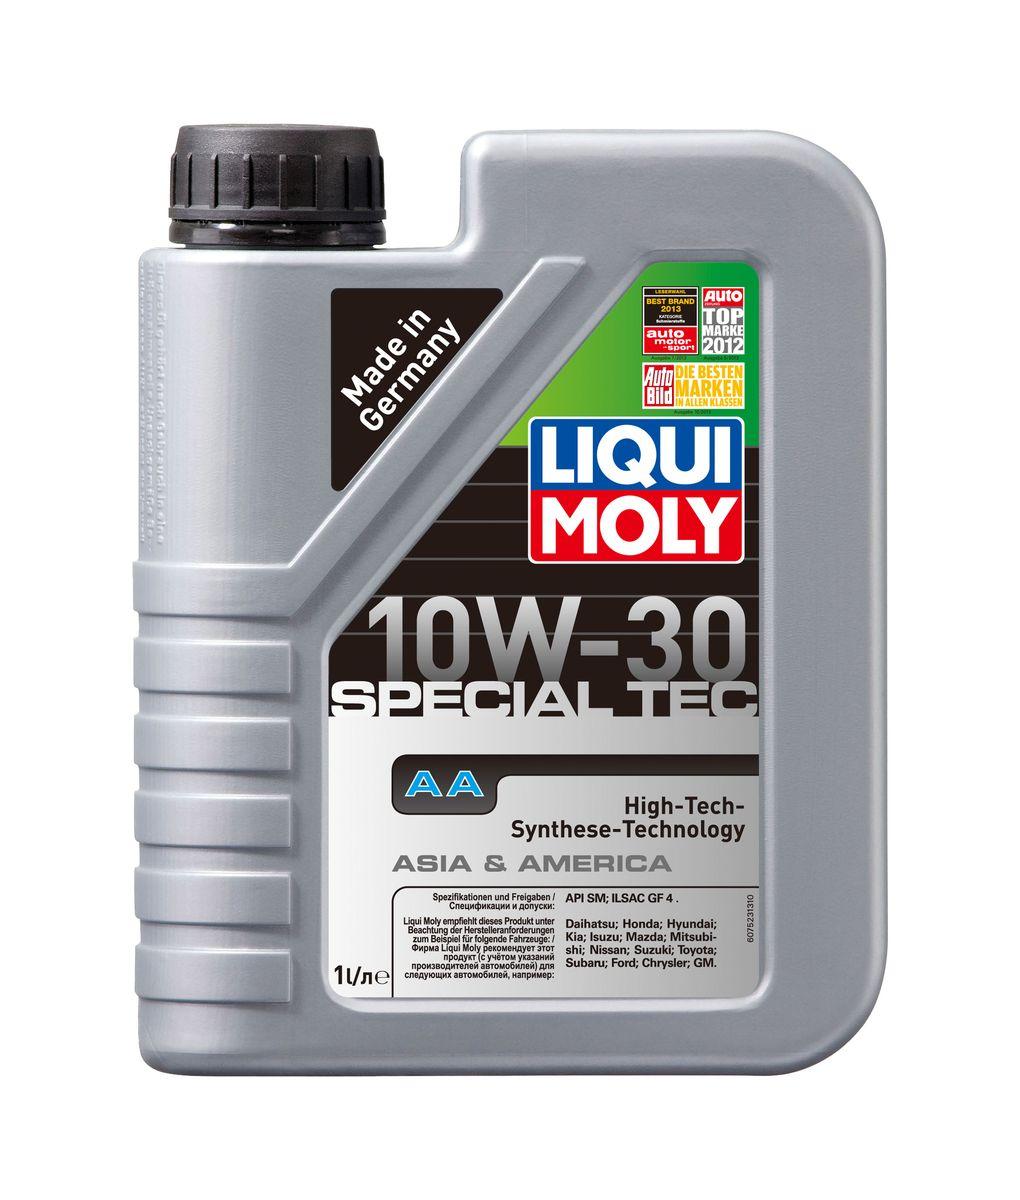 Масло моторное Liqui Moly Special Tec AA, НС-синтетическое, 10W-30, 1 л10503Масло моторное Liqui Moly Special Tec AA рекомендуется для автомобилей Honda, Mazda, Mitsubishi, Nissan, Daihatsu, Hyundai, Kia, Isuzu, Suzuki, Toyota, Subaru, Ford, Chrysler, GM. Современное HC-синтетическое энергосберегающее моторное масло специально предназначено для всесезонного использования в большинстве двигателей современных американских и азиатских бензиновых автомобилей. Также подходит для двигателей предыдущих поколений автомобилей. Базовые масла, полученные по технологии синтеза, и новейшие присадки составляют рецептуру моторного масла с отменной защитой от износа, снижающего расход топлива и масла, обеспечивающего чистоту двигателя. Особенности: - Высочайшие показатели топливной экономии- Сокращает эмиссию выхлопных газов- Отличная чистота двигателя- Совместимо с новейшими системами нейтрализации отработавших газов бензиновых двигателей- Высокая защита от износа и надежность смазывания- Очень низкие потери масла на испарениеМоторное масло Special Tec АА 10W-30 соответствует специальным требованиям азиатских и американских производителей, поэтому его использование позволяет сохранить все гарантийные условия при прохождении ТО соответствующих автомобилей. Допуск: -API: SM-ILSAC: GF-4